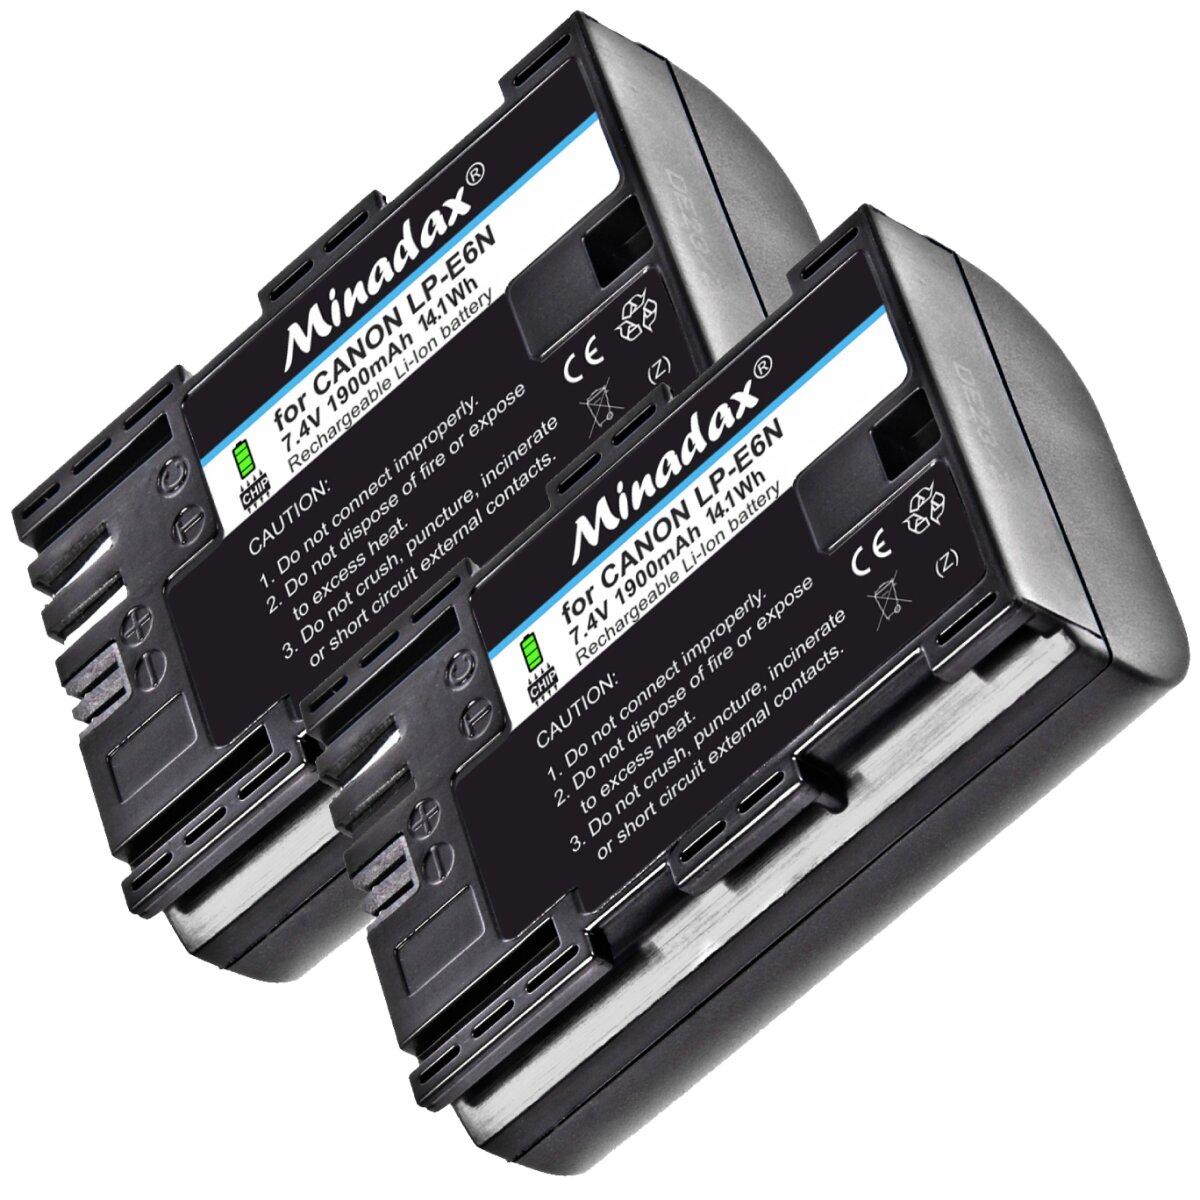 2x Power Akku 1900 mAh Ersatz für LP-E6 LPE6 Minadax® Qualitätsakku kompatibel mit Canon 80d, 70D, 60D, 60Da, 7D, 7D Mark II, 6D, 5D Mark III, 5D Mark II - Intelligentes Akkusystem mit Chip